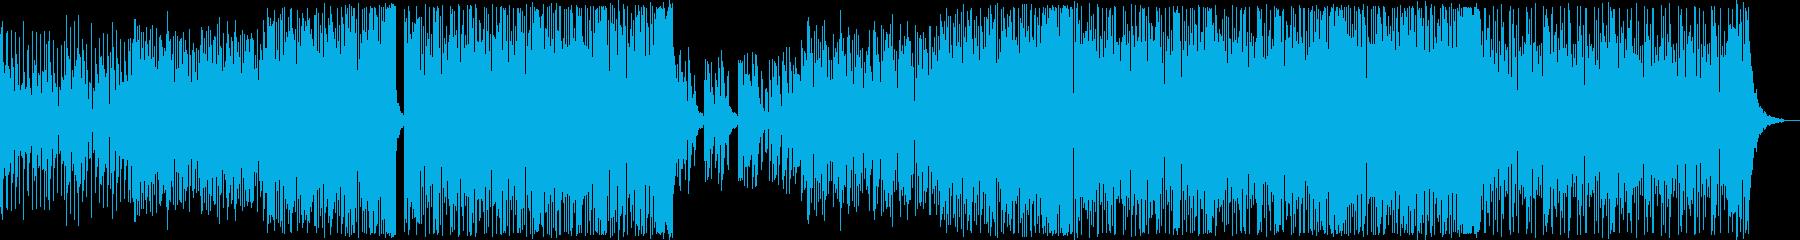 希望/朝/明るい/ハウス_No509の再生済みの波形